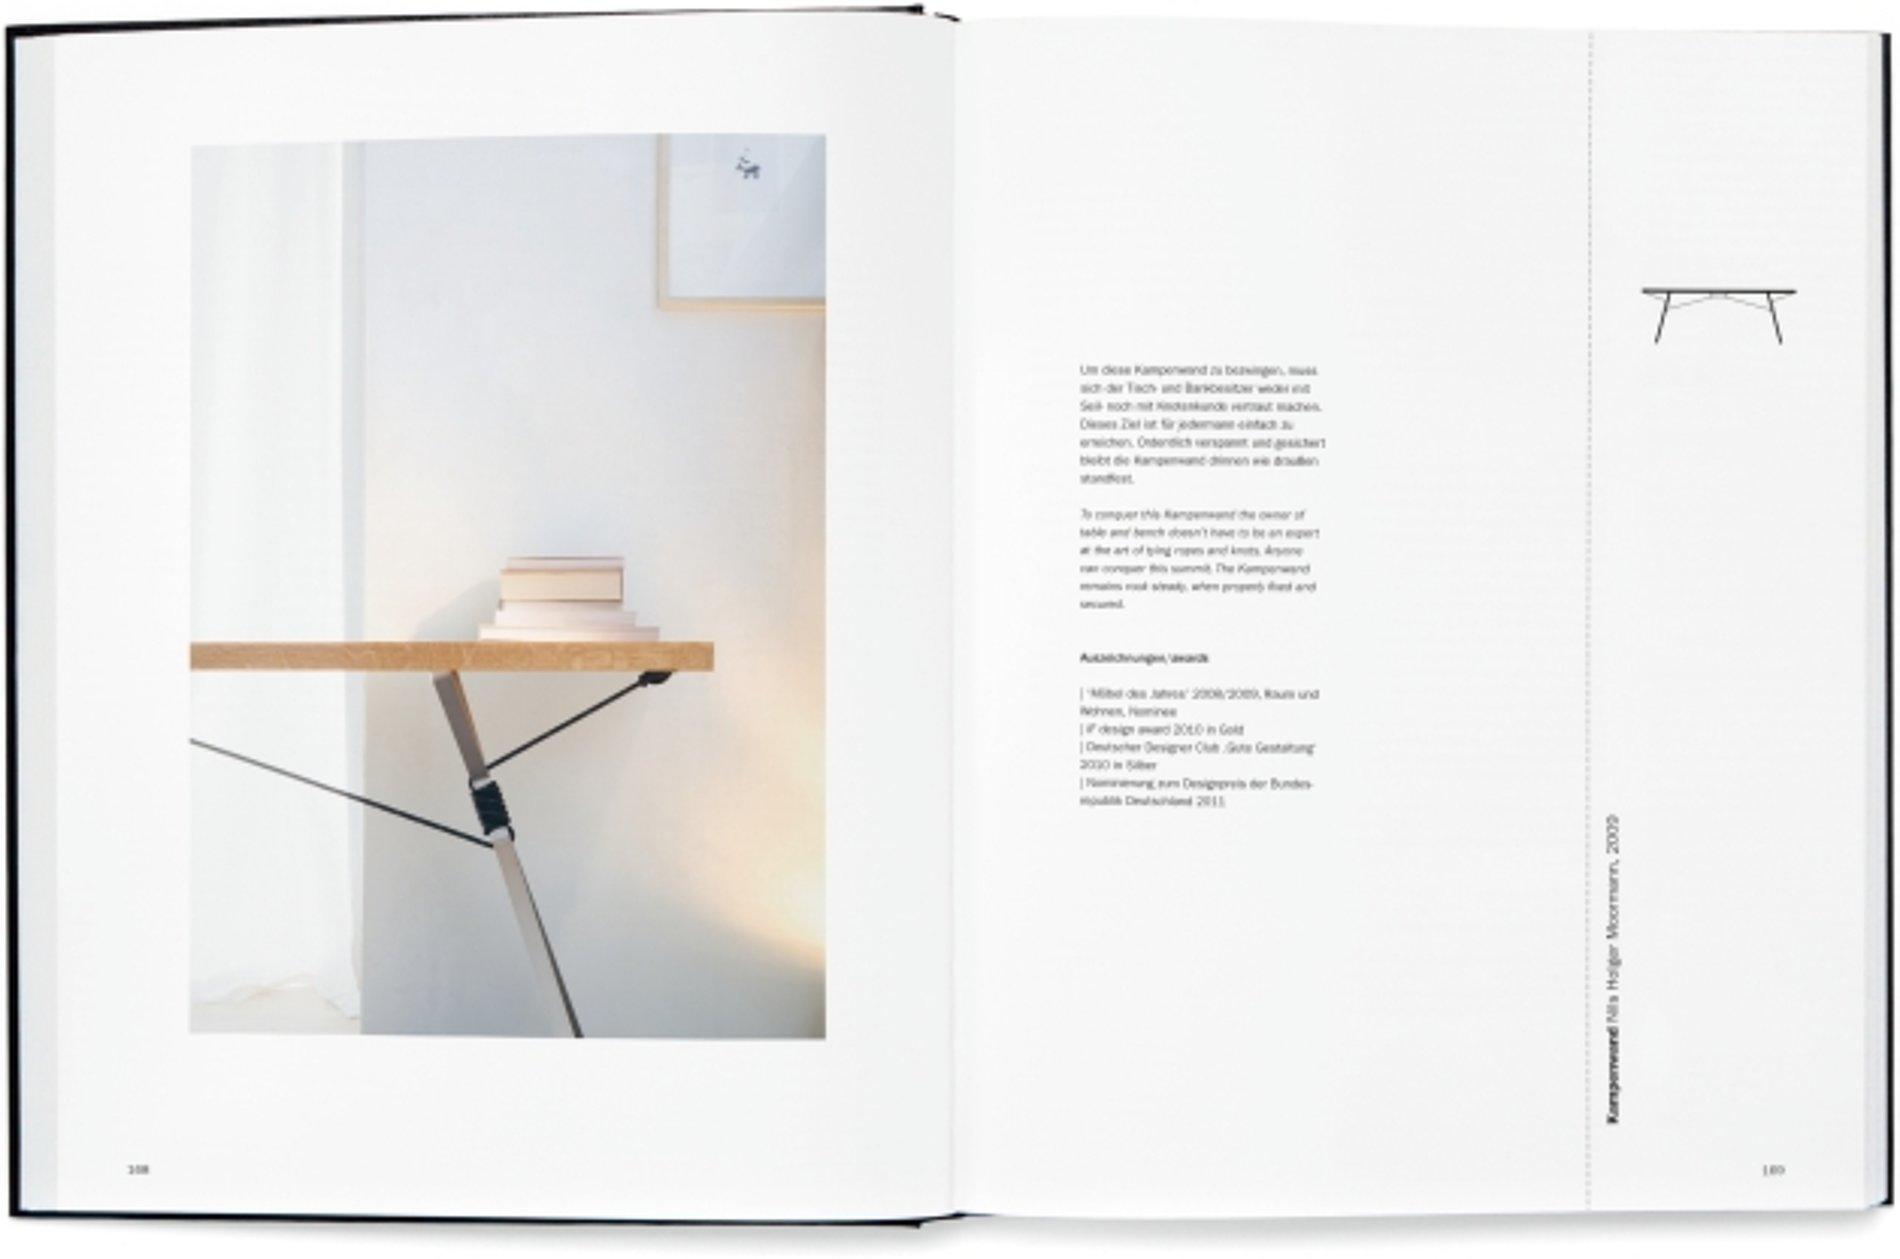 Moormann Gesamtkatalog Vol. 3 | Red Dot Design Award